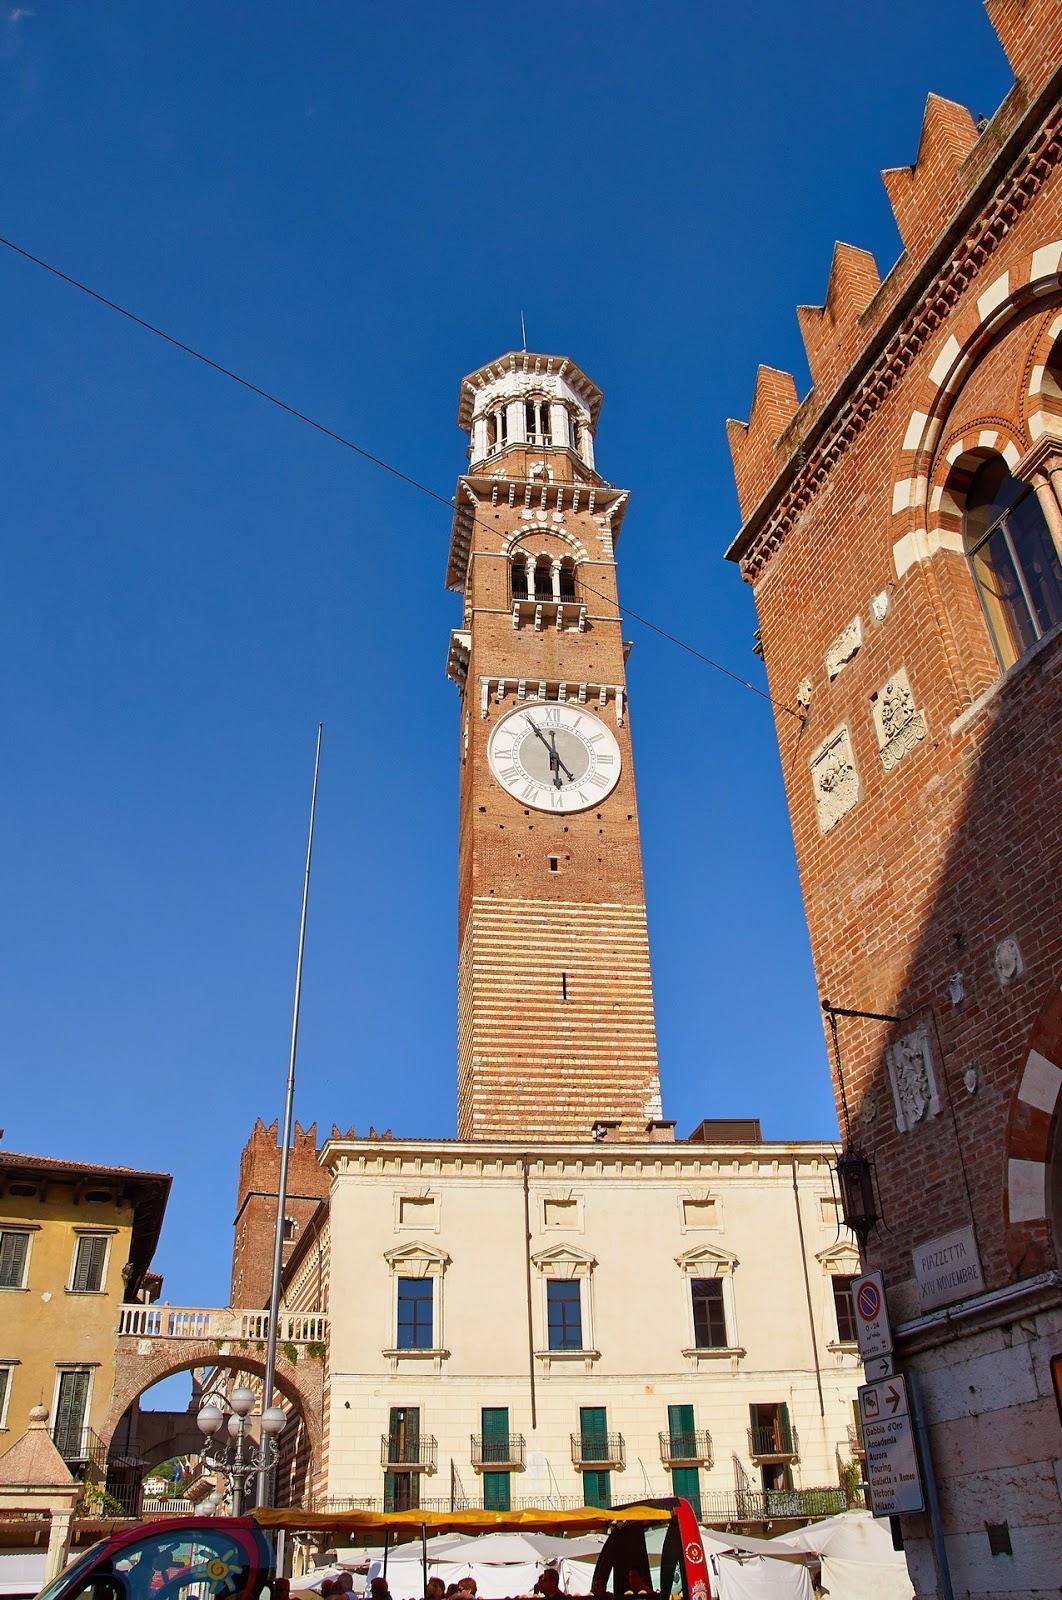 zabytki Włochy północne co zobaczyć? jak dojechać z Bergamo?